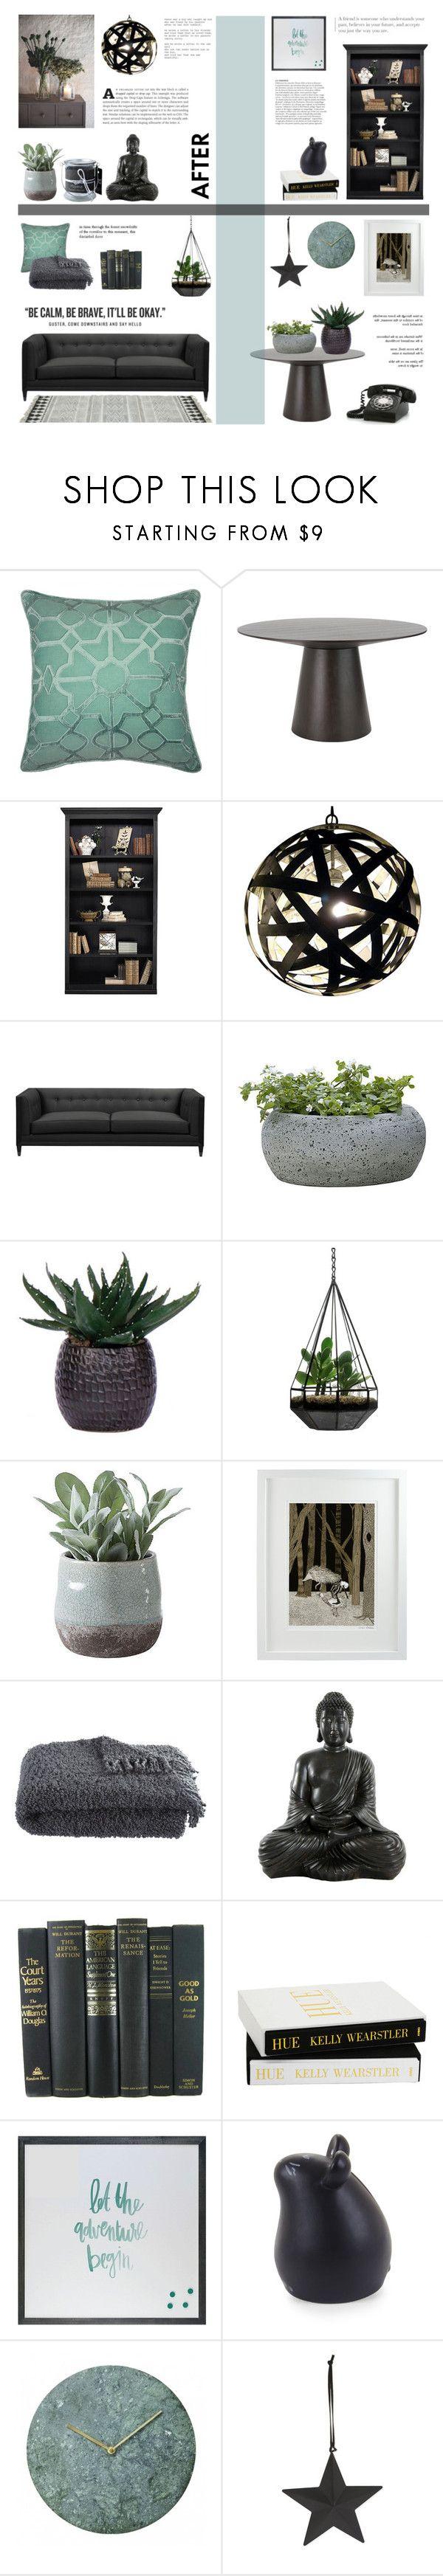 456 best presentation | sketch images on pinterest | design homes